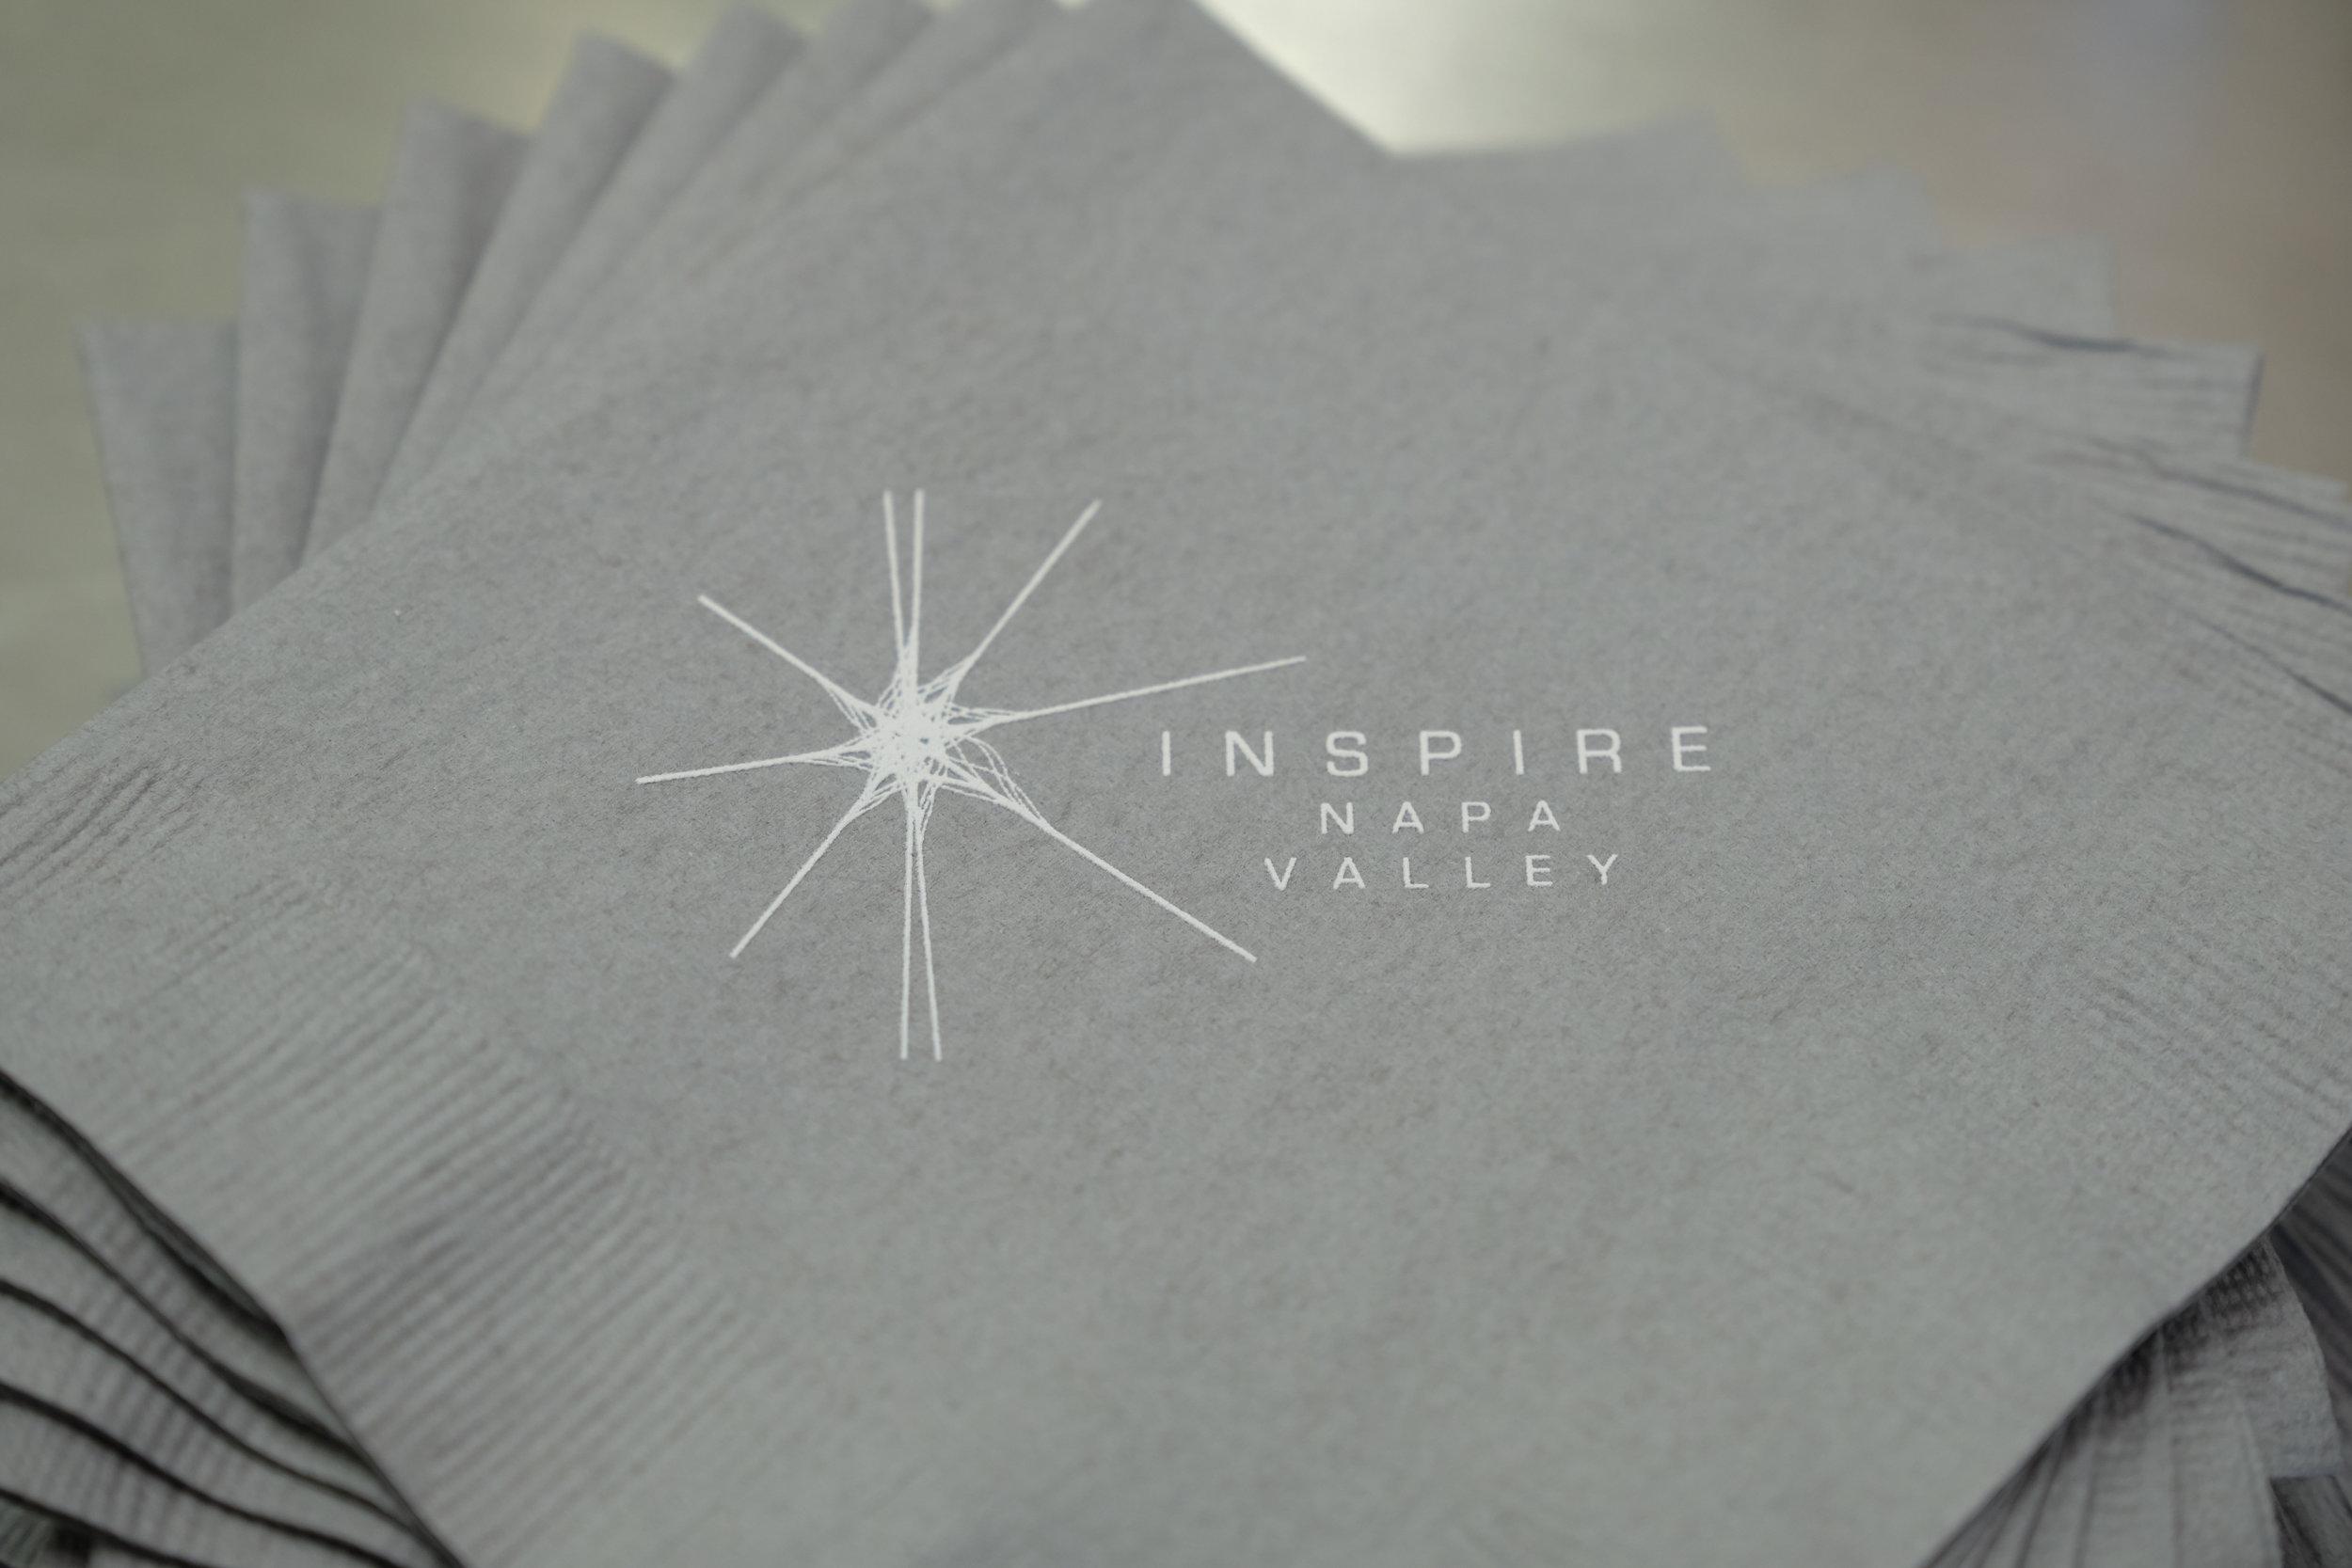 Inspire-DSCF5524.jpg